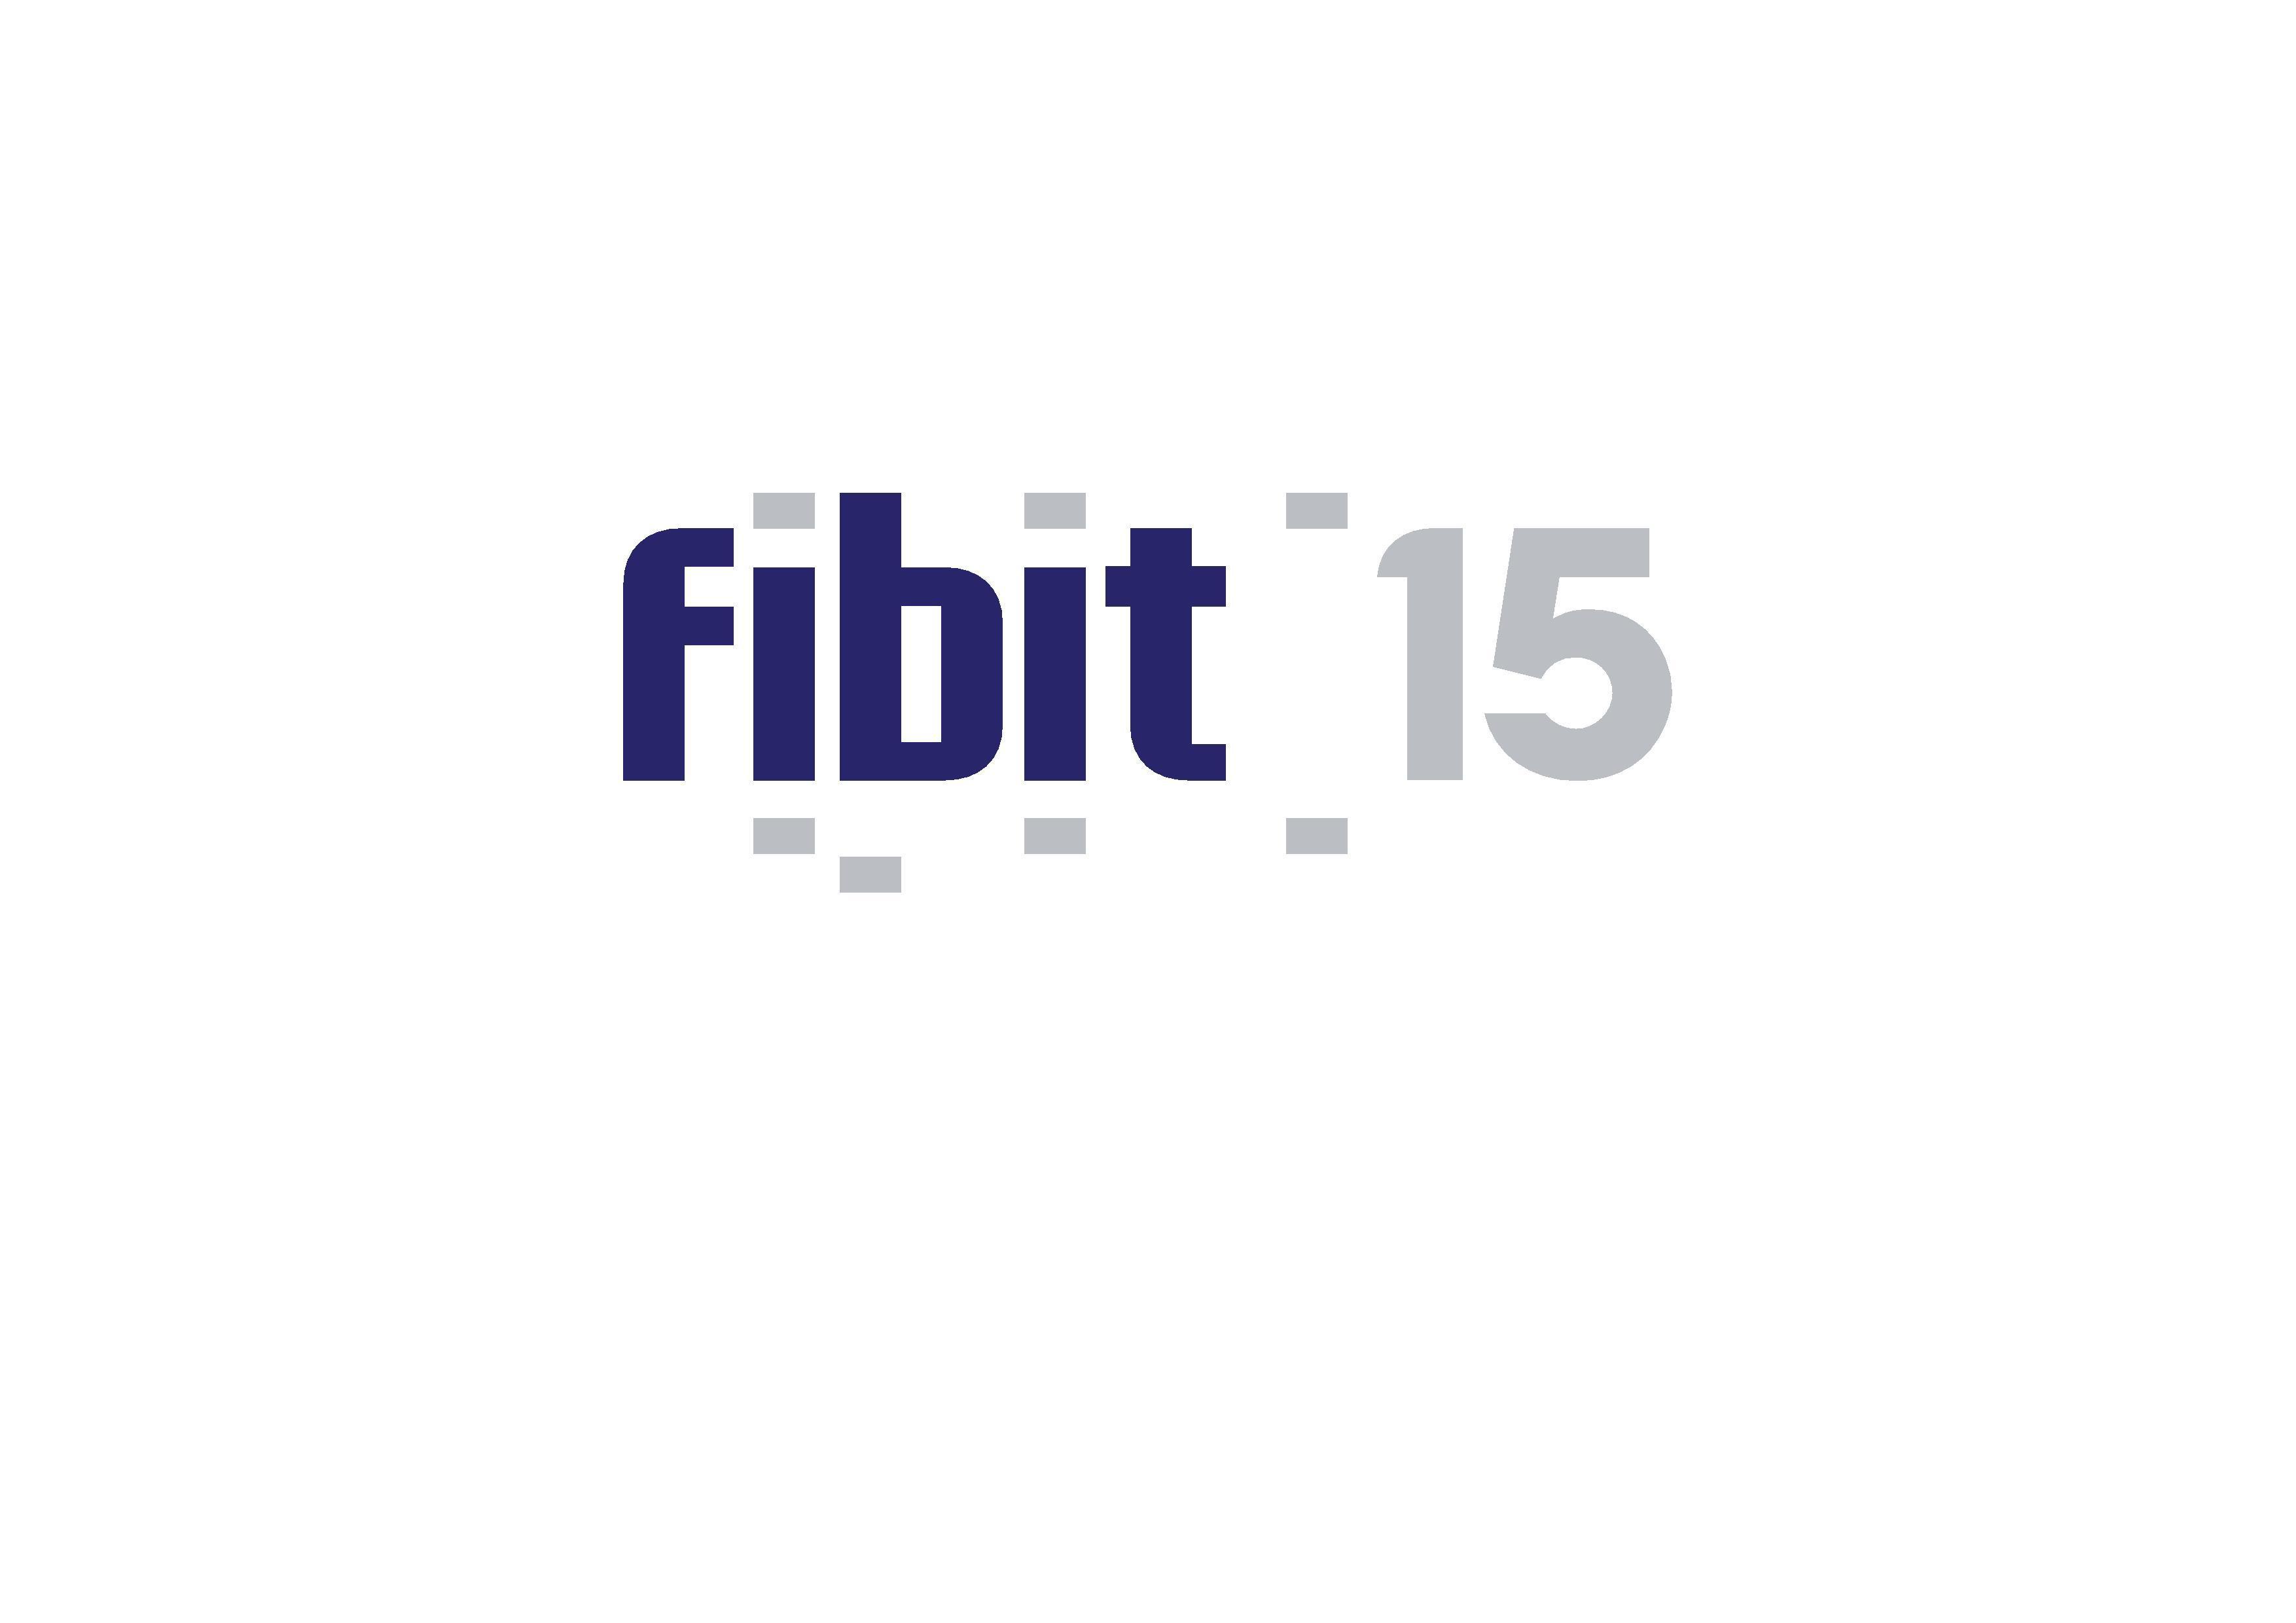 logo-fibit-15-page-001